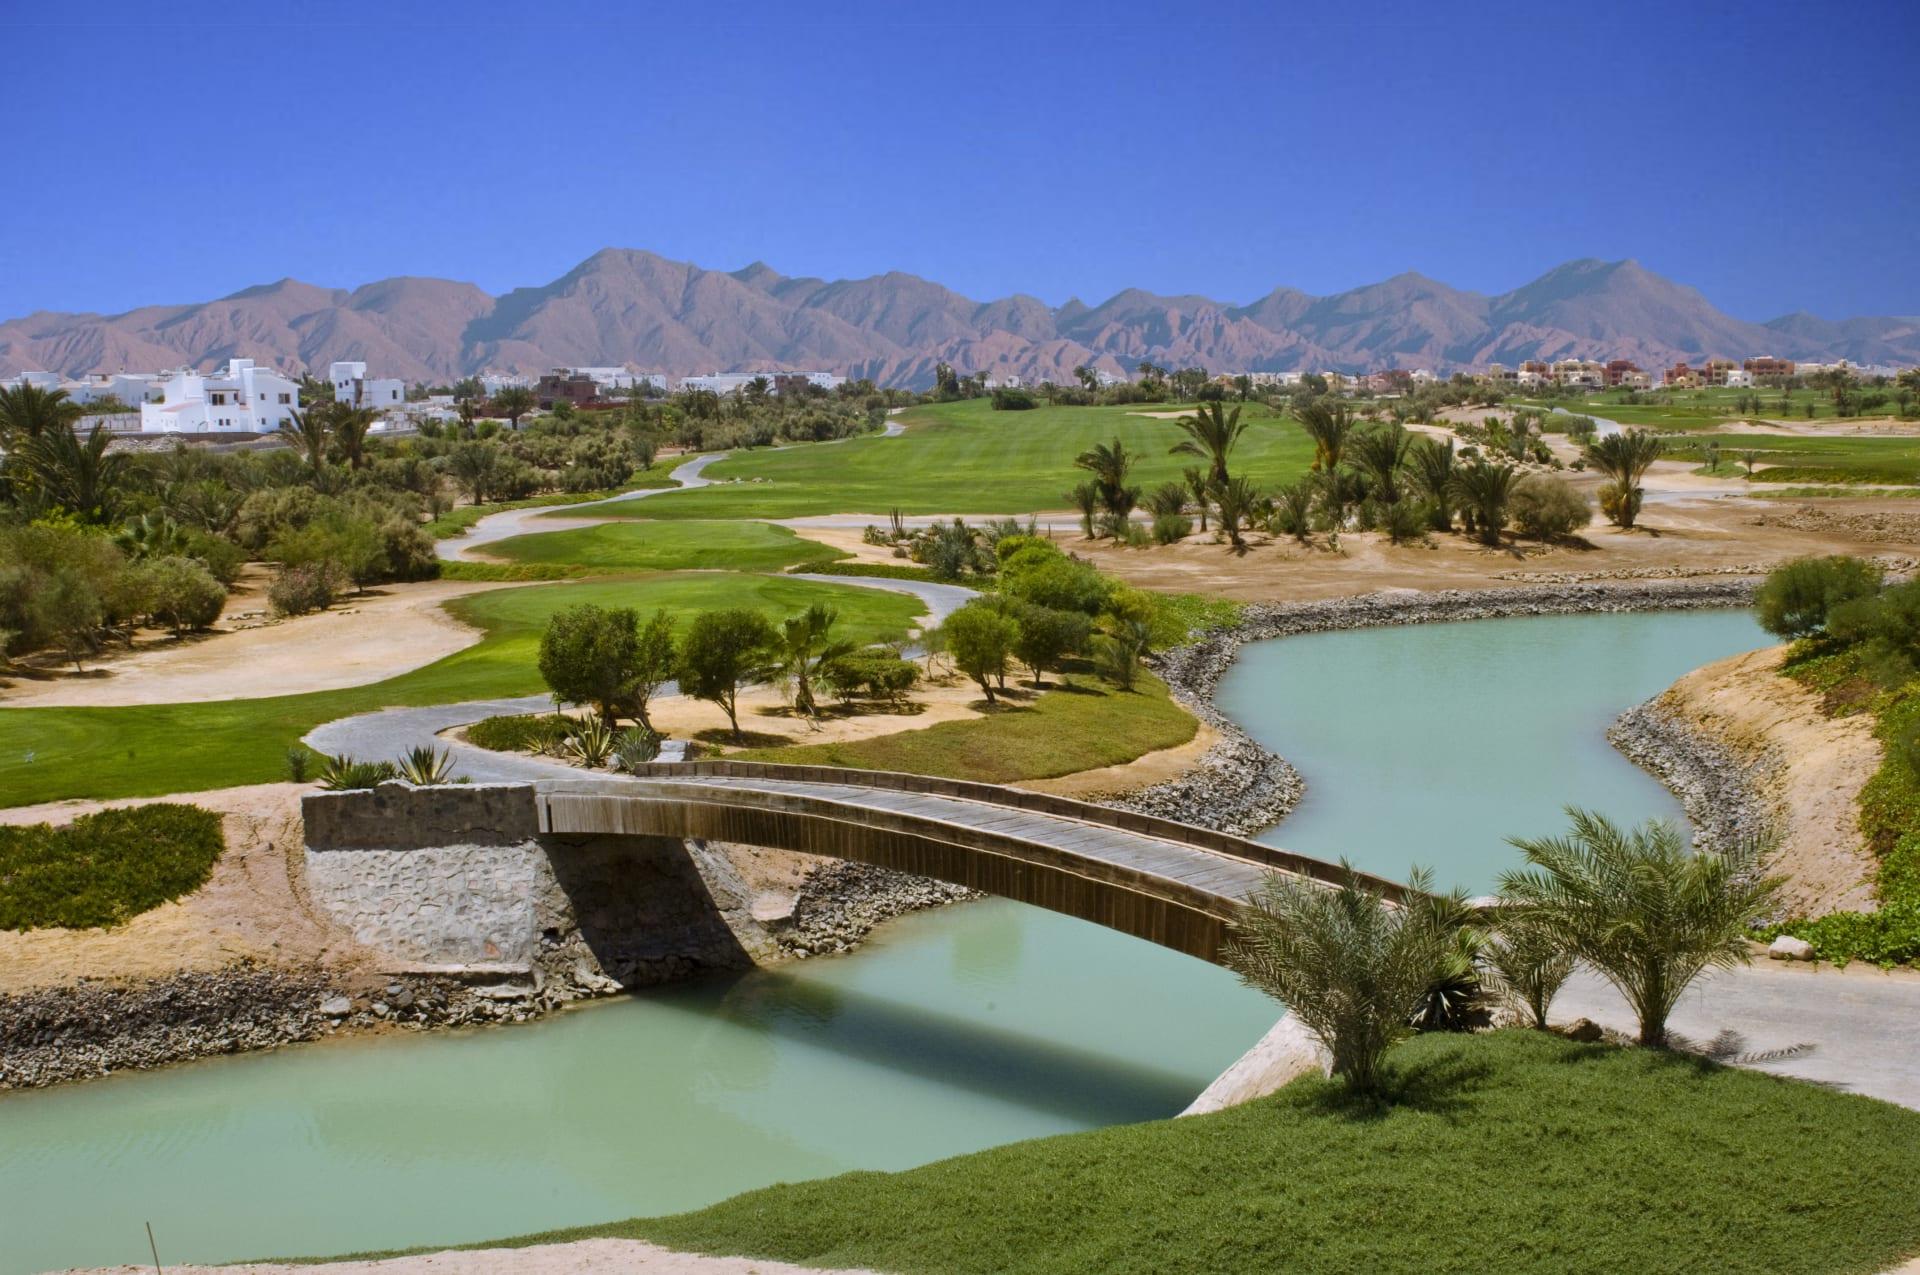 بإطلالة خلابة على البحر الأحمر..تحدي مثير ينتظر محبي الغولف في الجونة بمصر